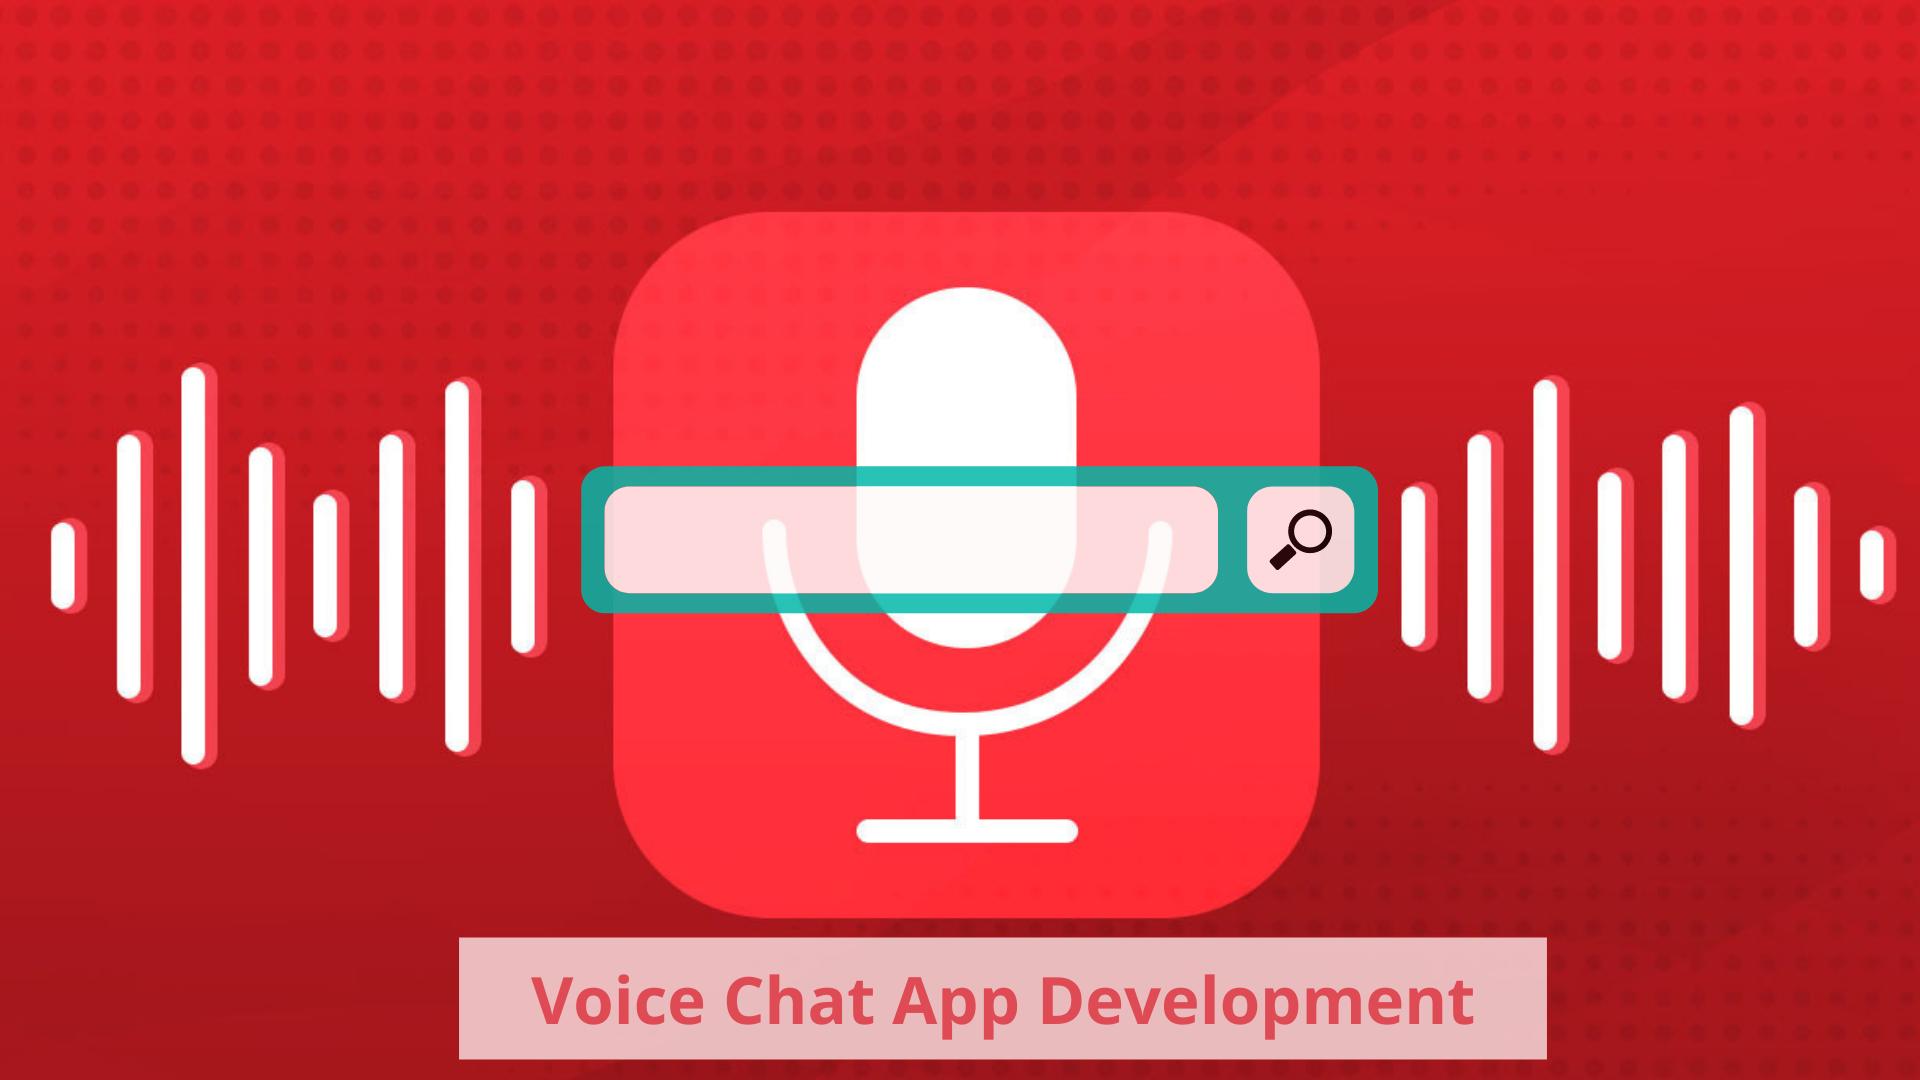 Voice Chat App Development